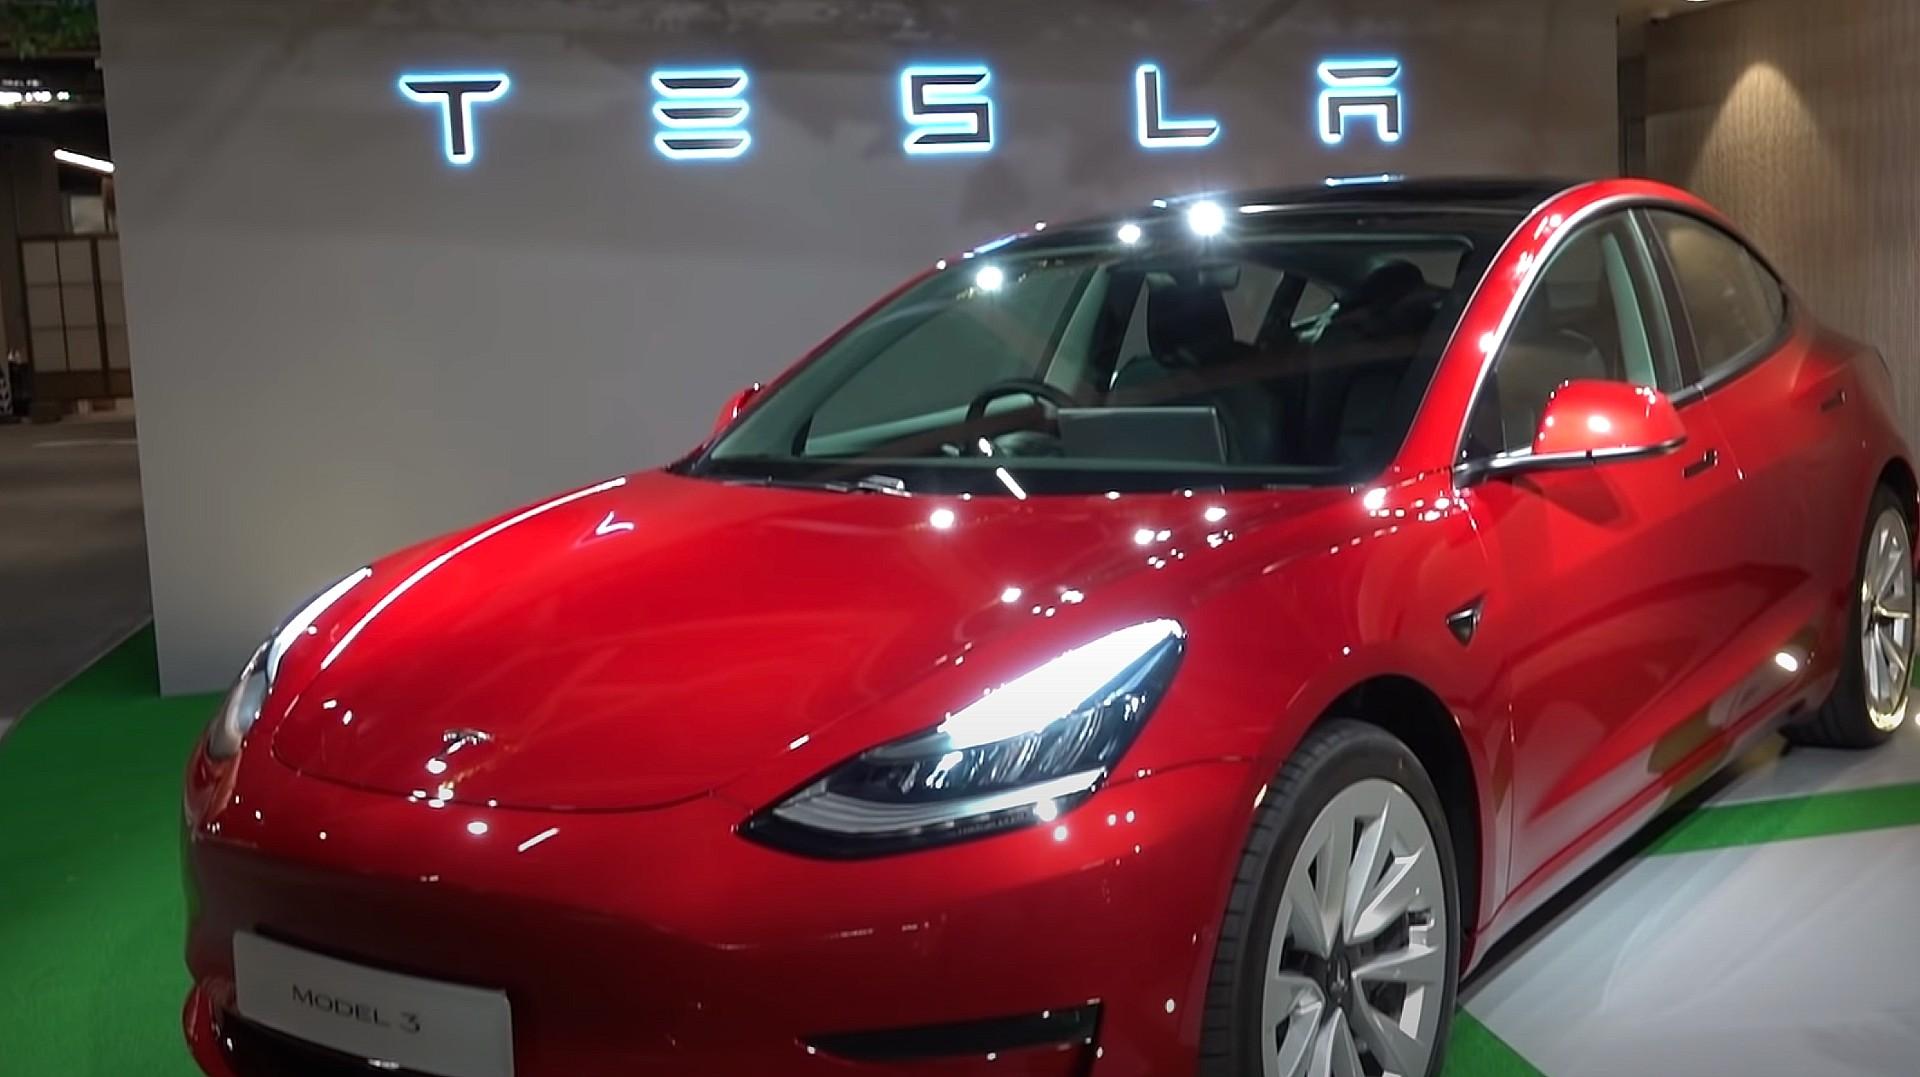 Первый подробный взгляд на обновленную Tesla Model 3